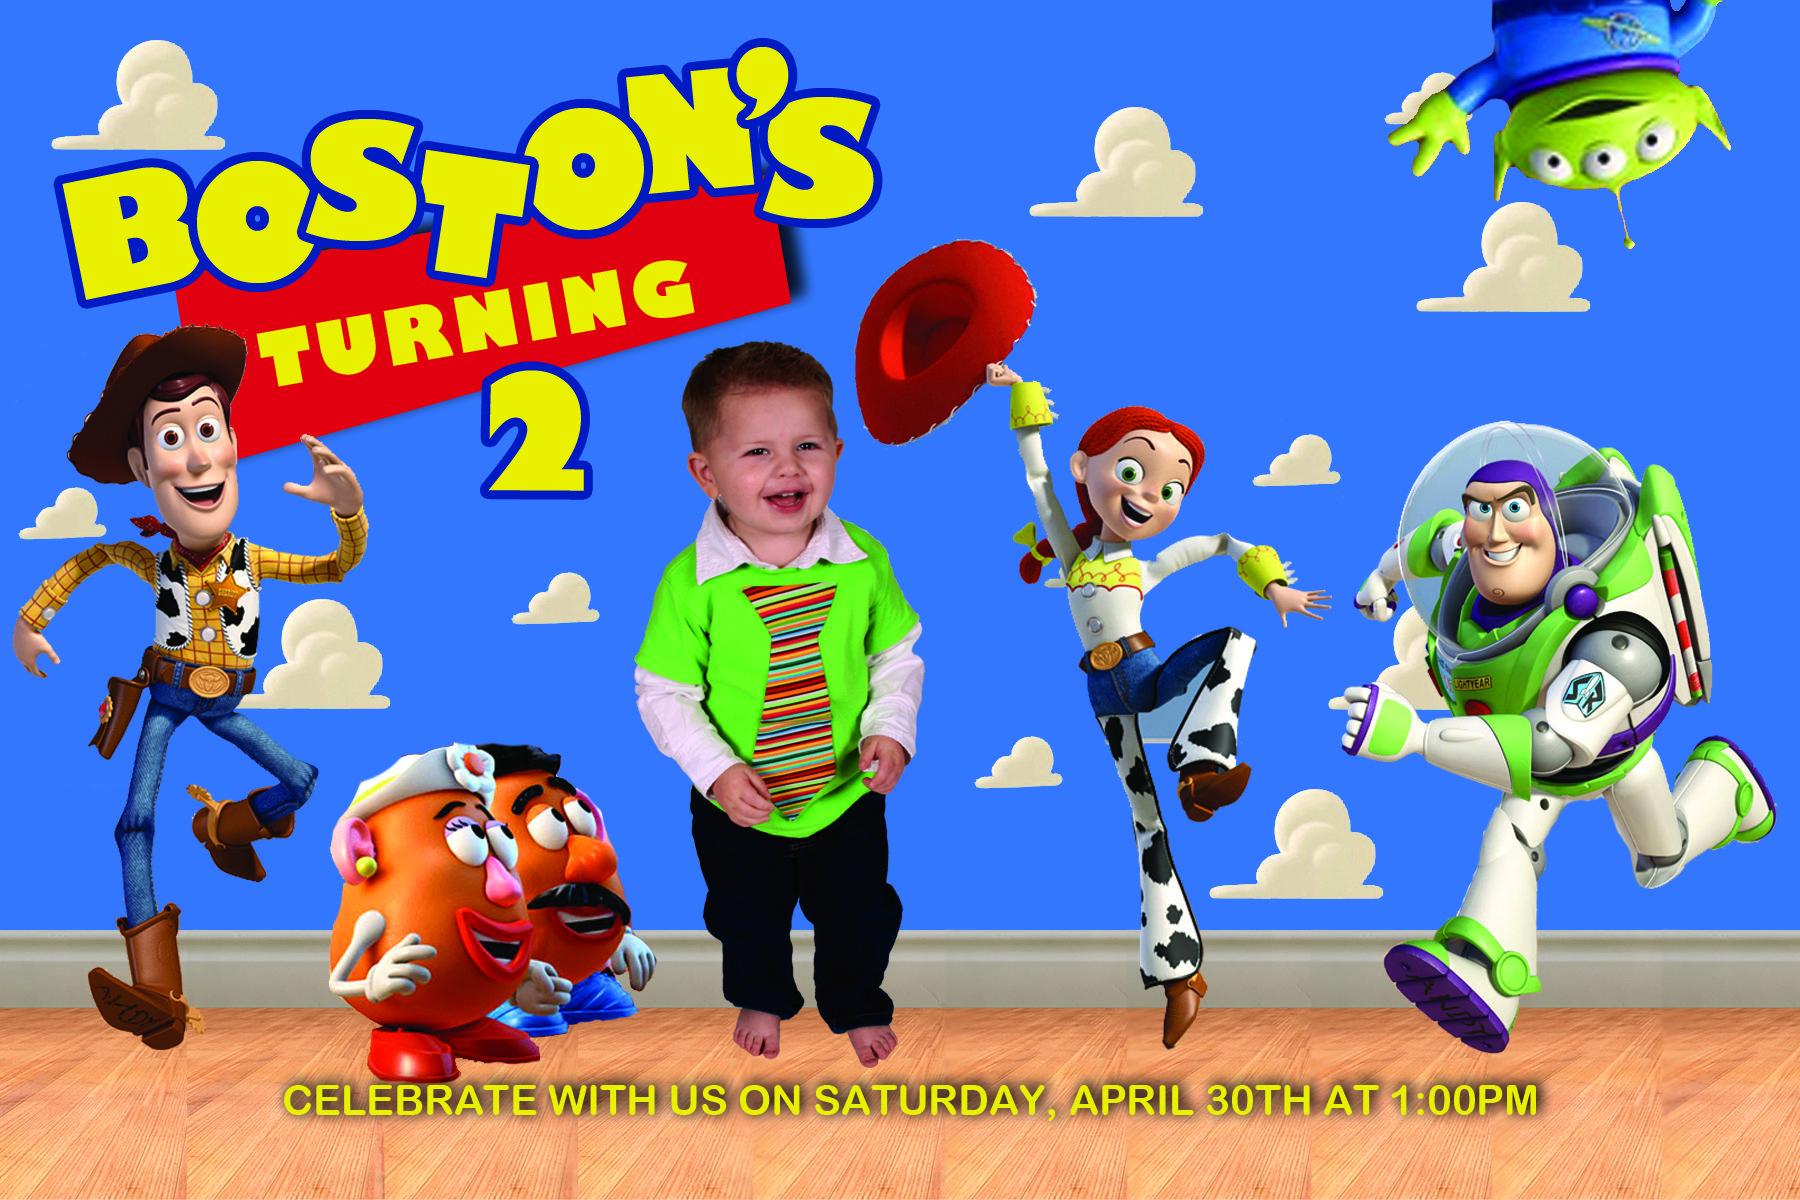 Toy Story Birthday Invitation shop Pinterest